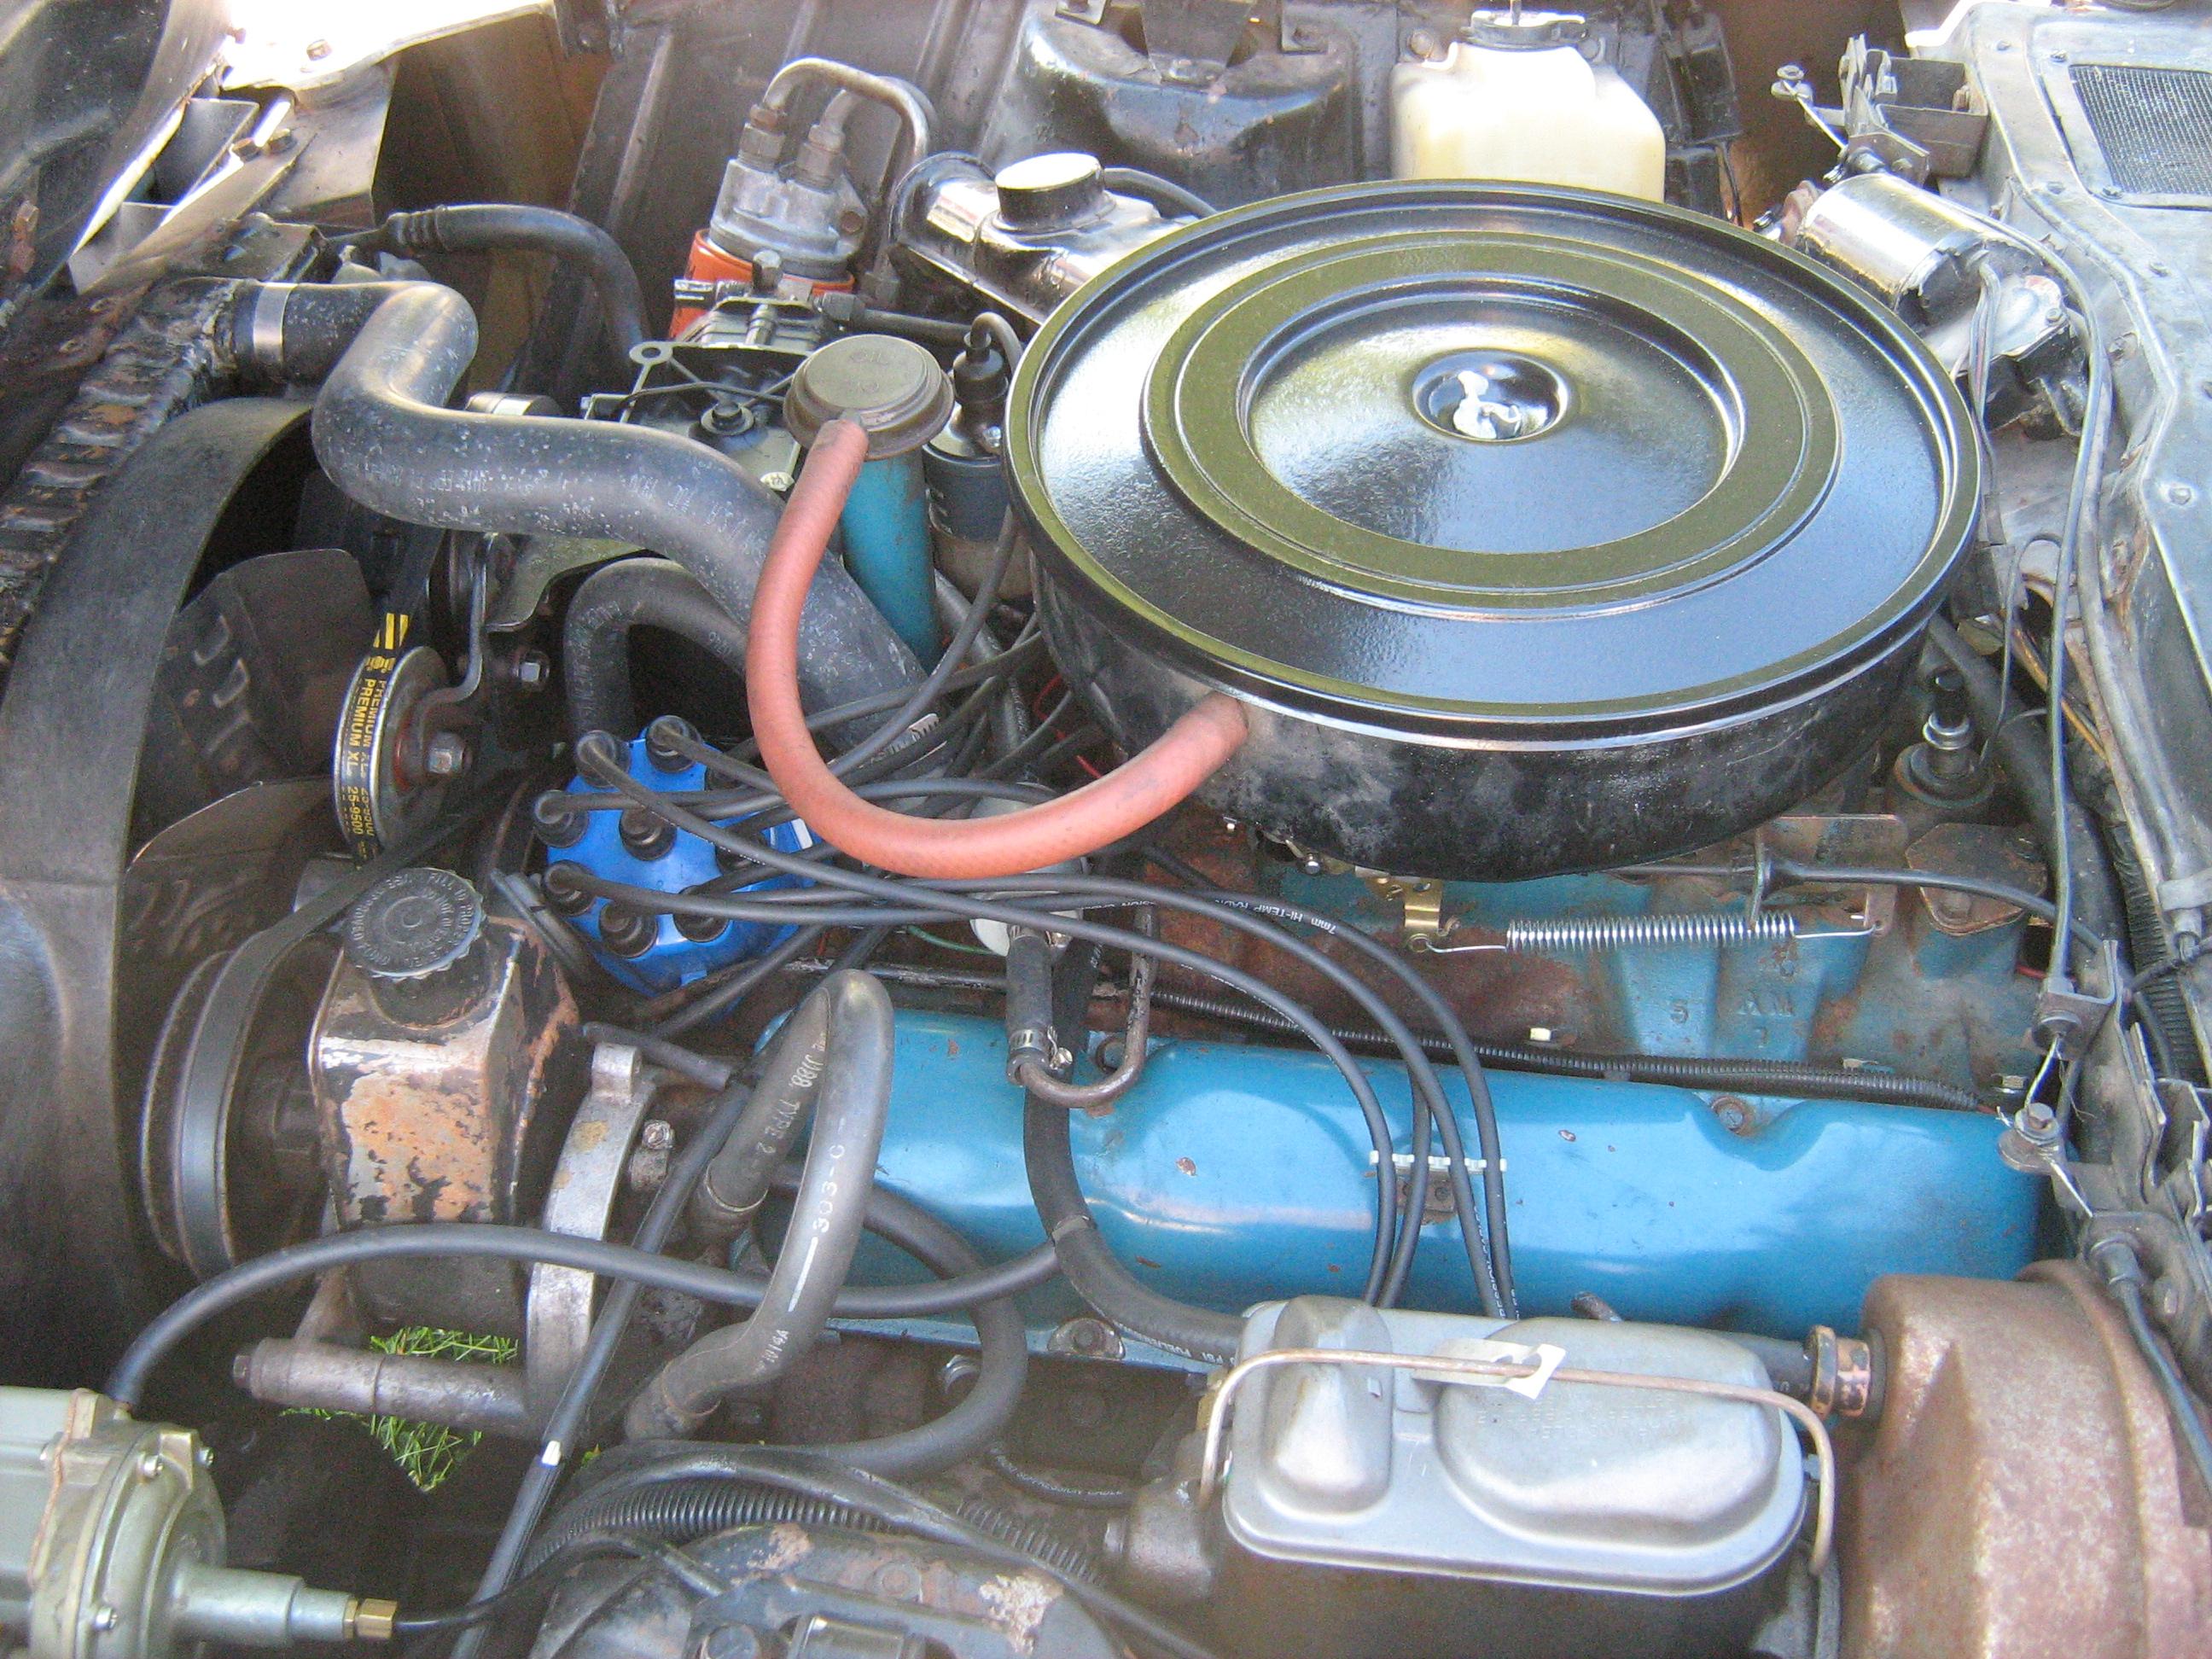 1984 dodge w100 wiring diagram file 1974 bricklin 4 speed white at potomac ramblers  file 1974 bricklin 4 speed white at potomac ramblers